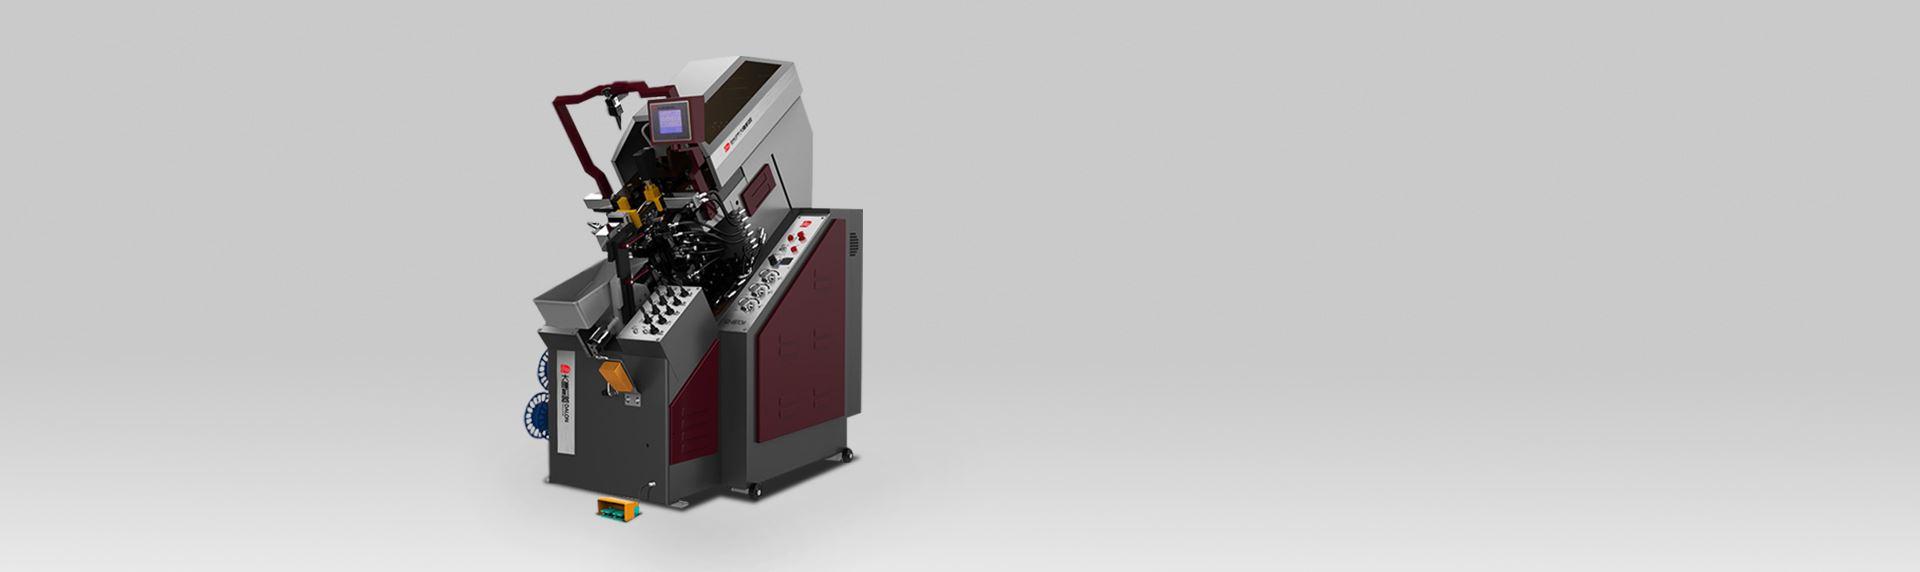 全网科技-电脑控制自动上胶前帮机